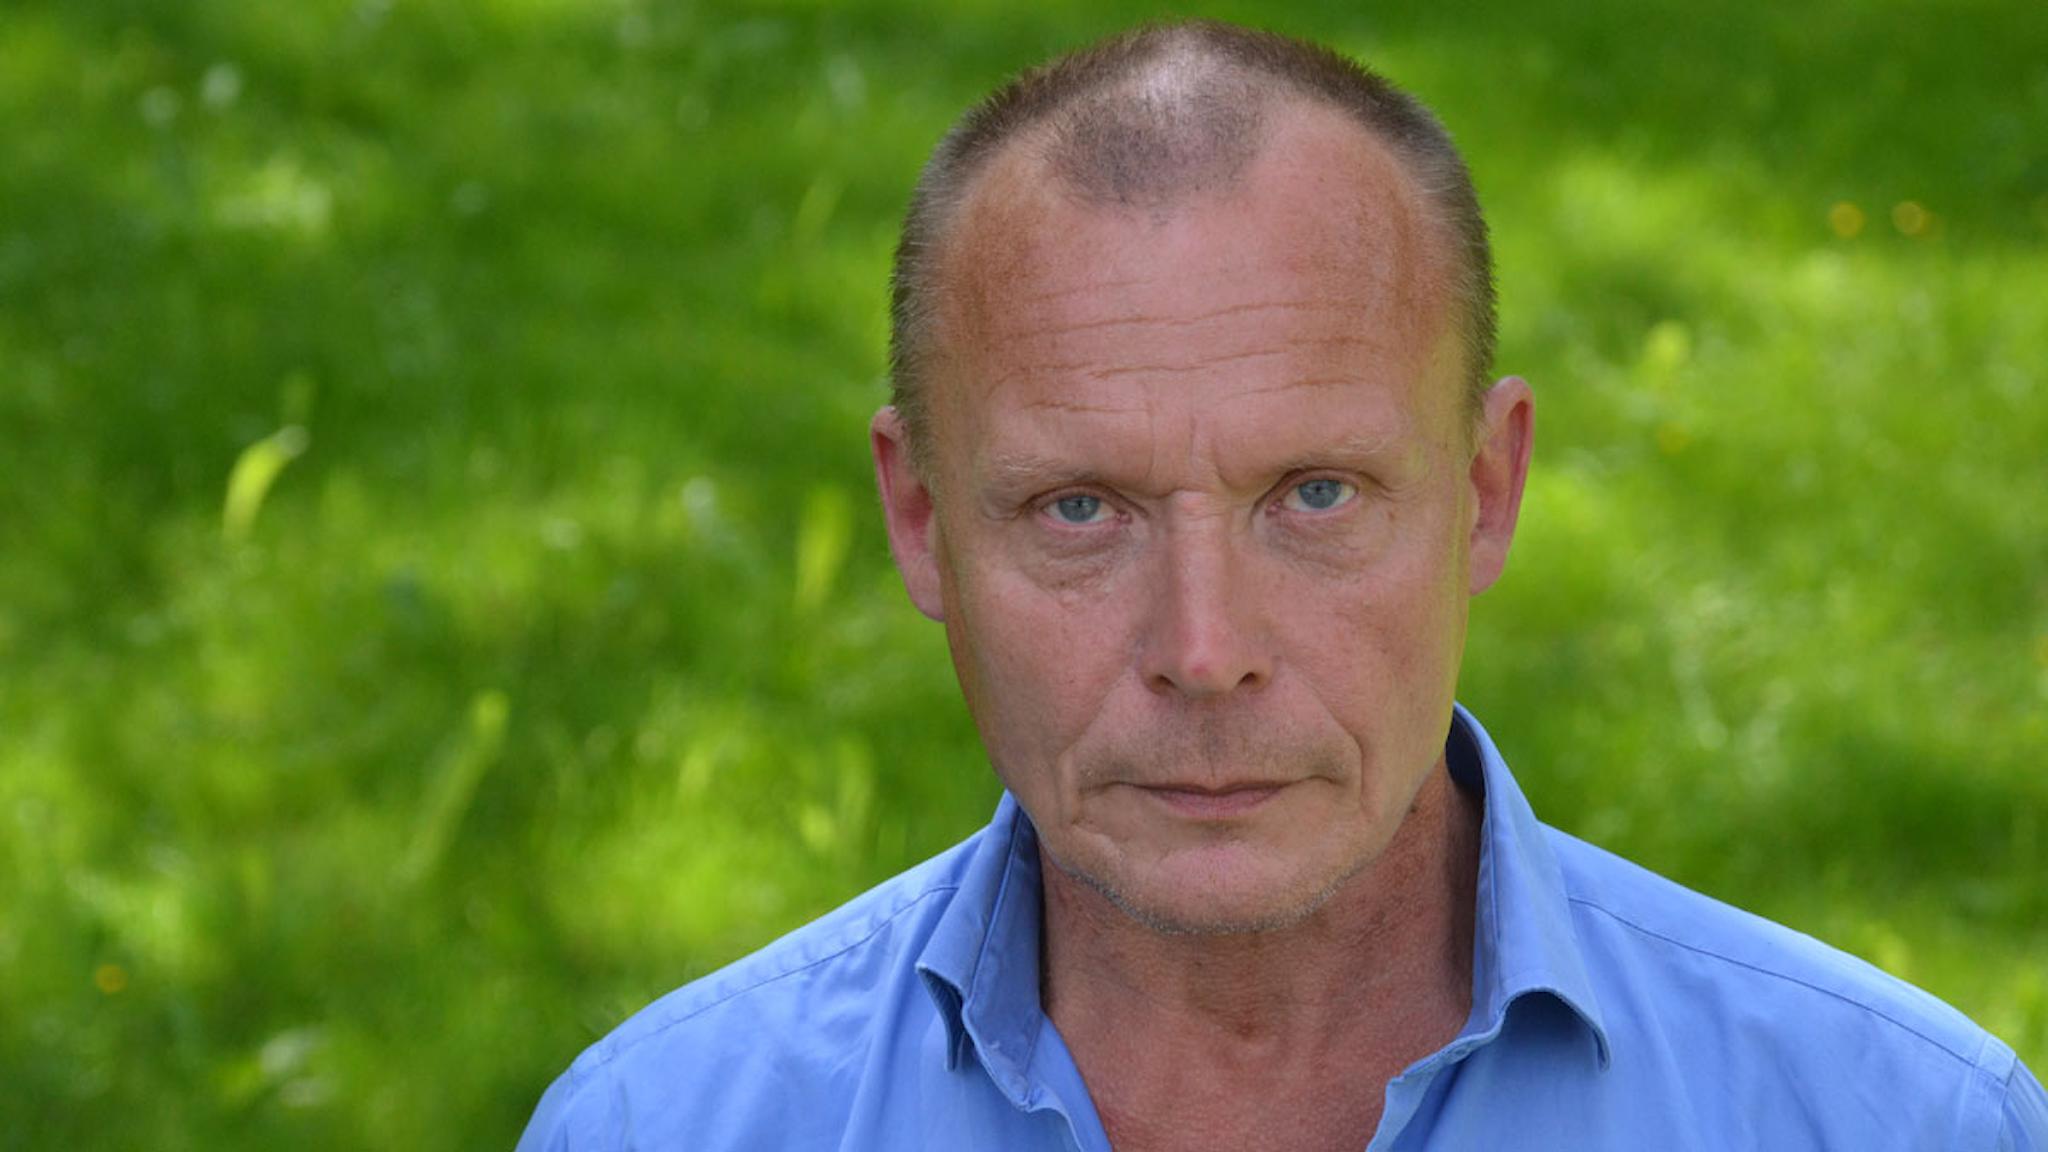 Hans-Ola Stenlund